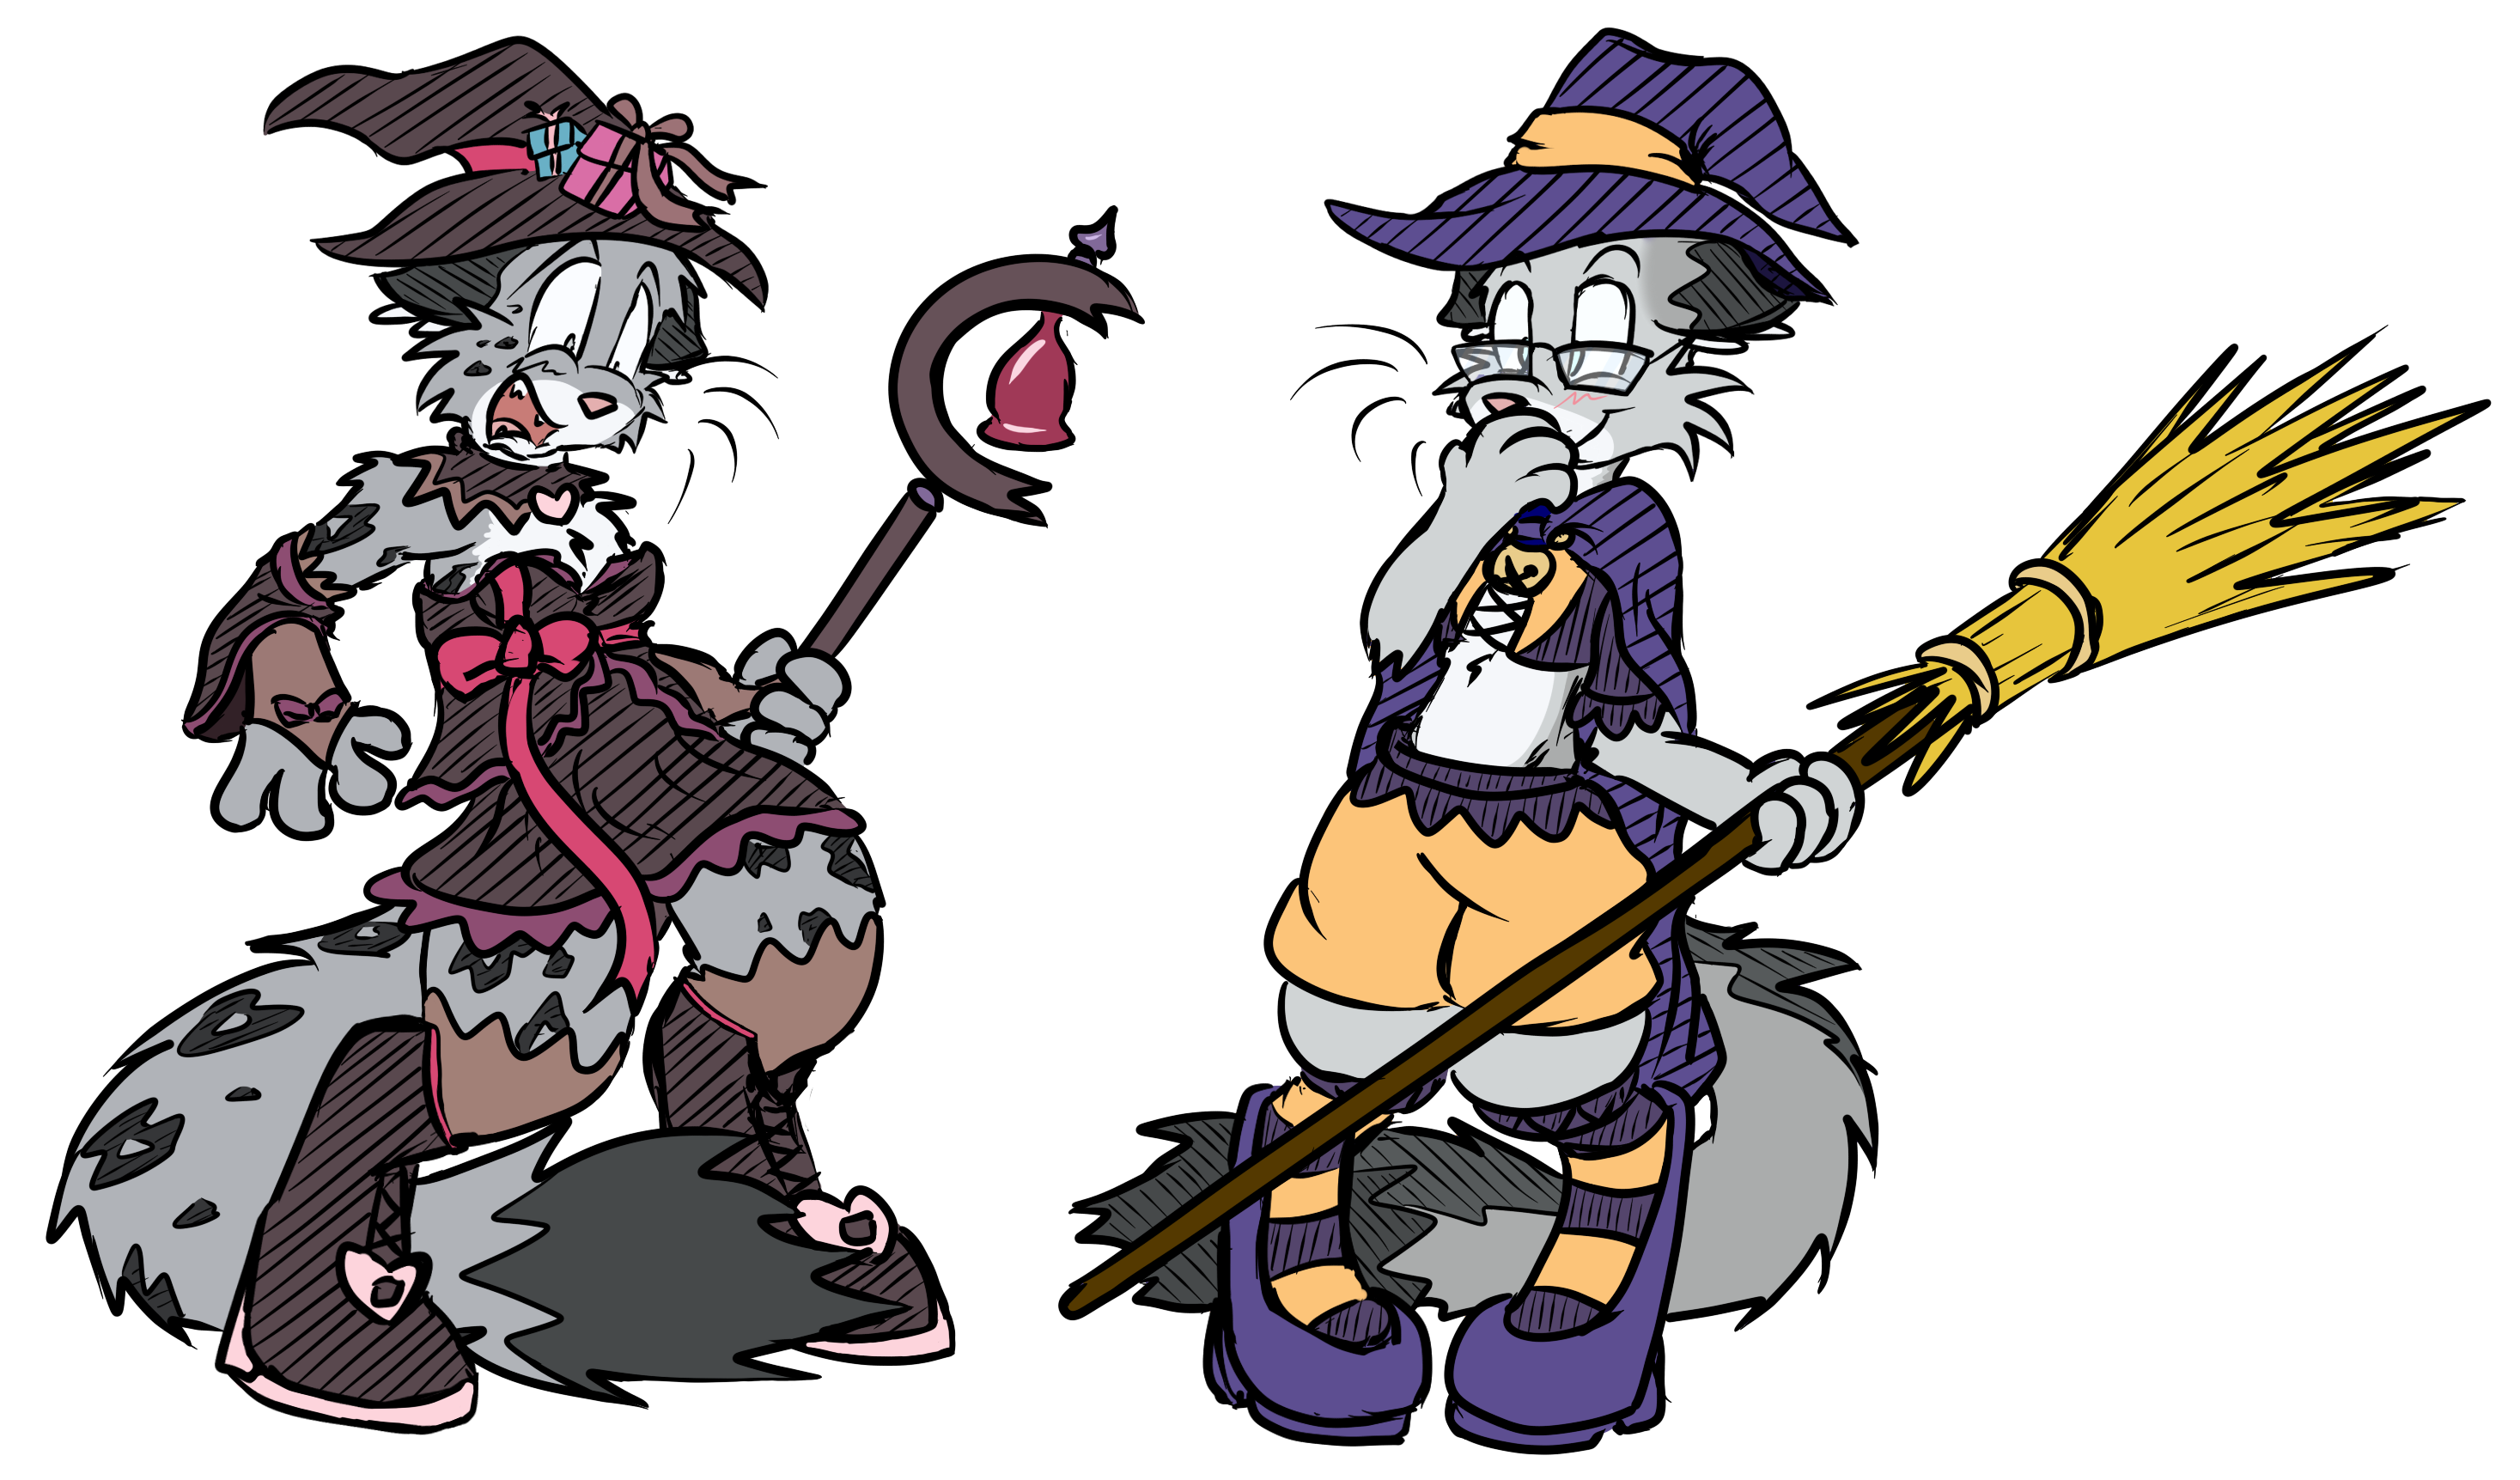 halloween witches by virmir u0026 bluedragon62 u2014 weasyl